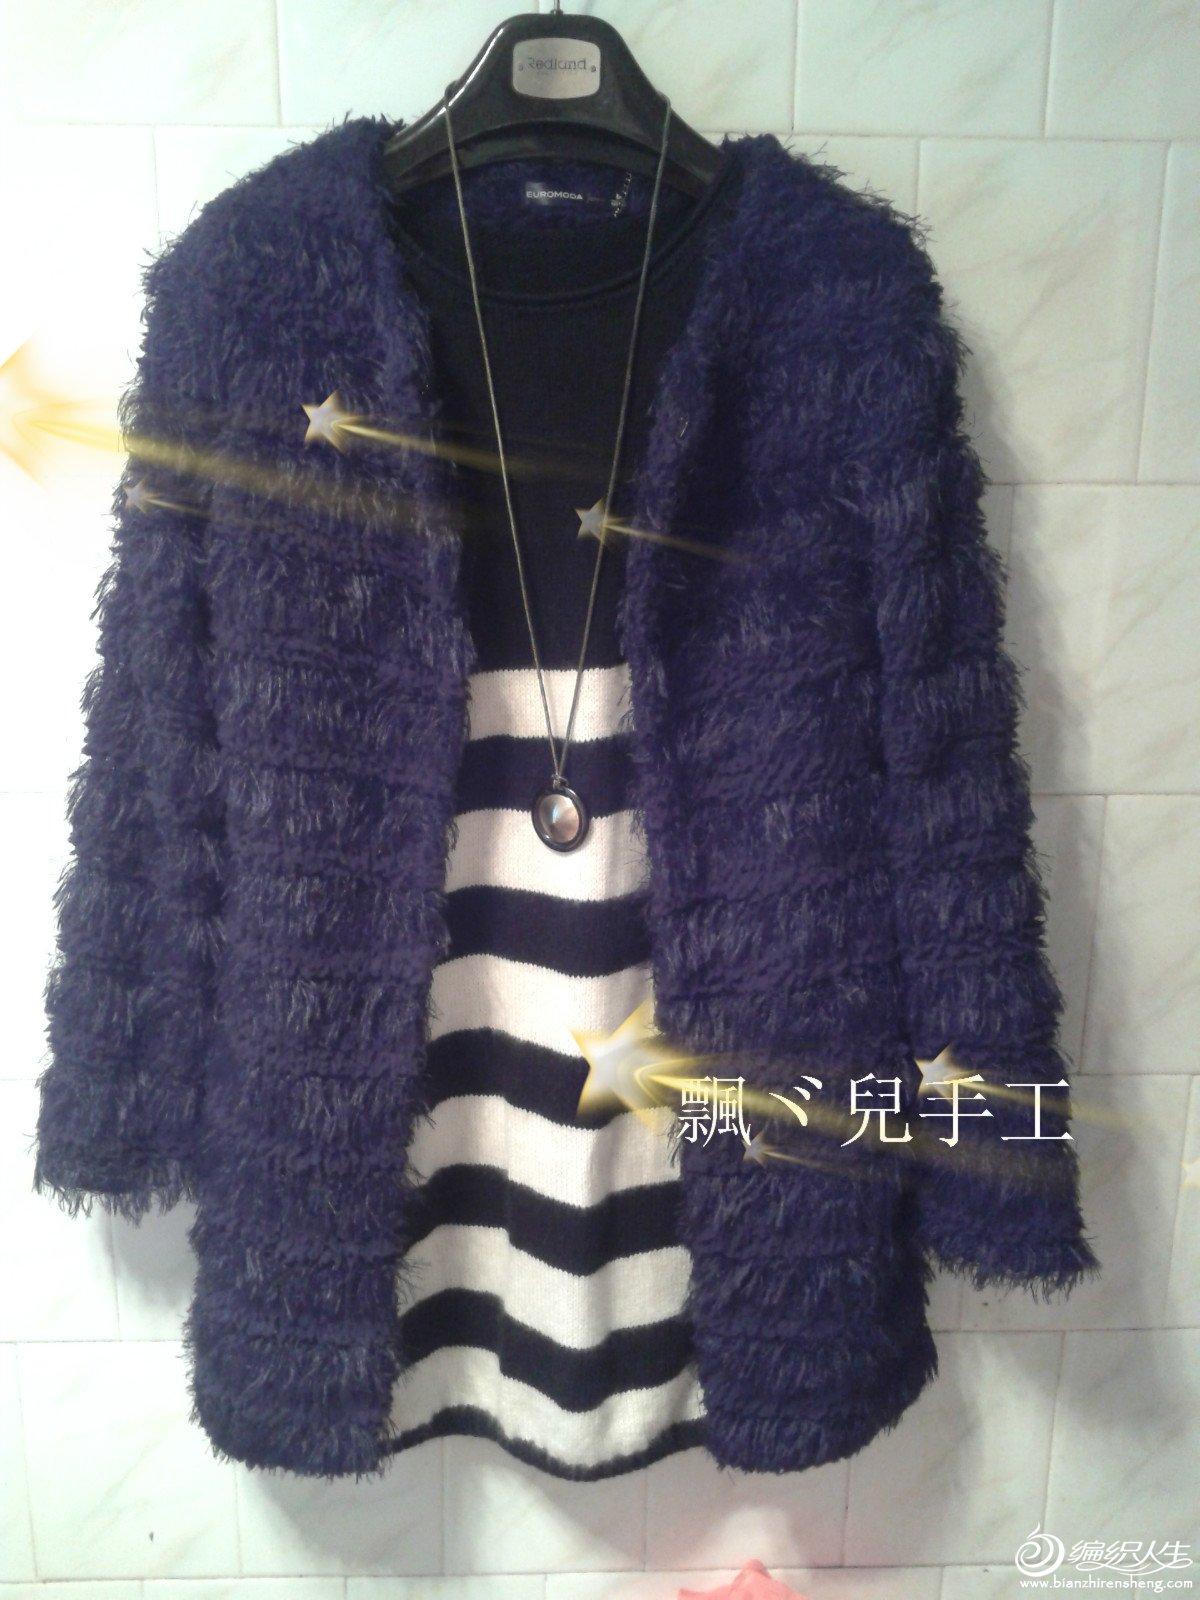 2012-11-04 11.28.38_meitu_8.jpg